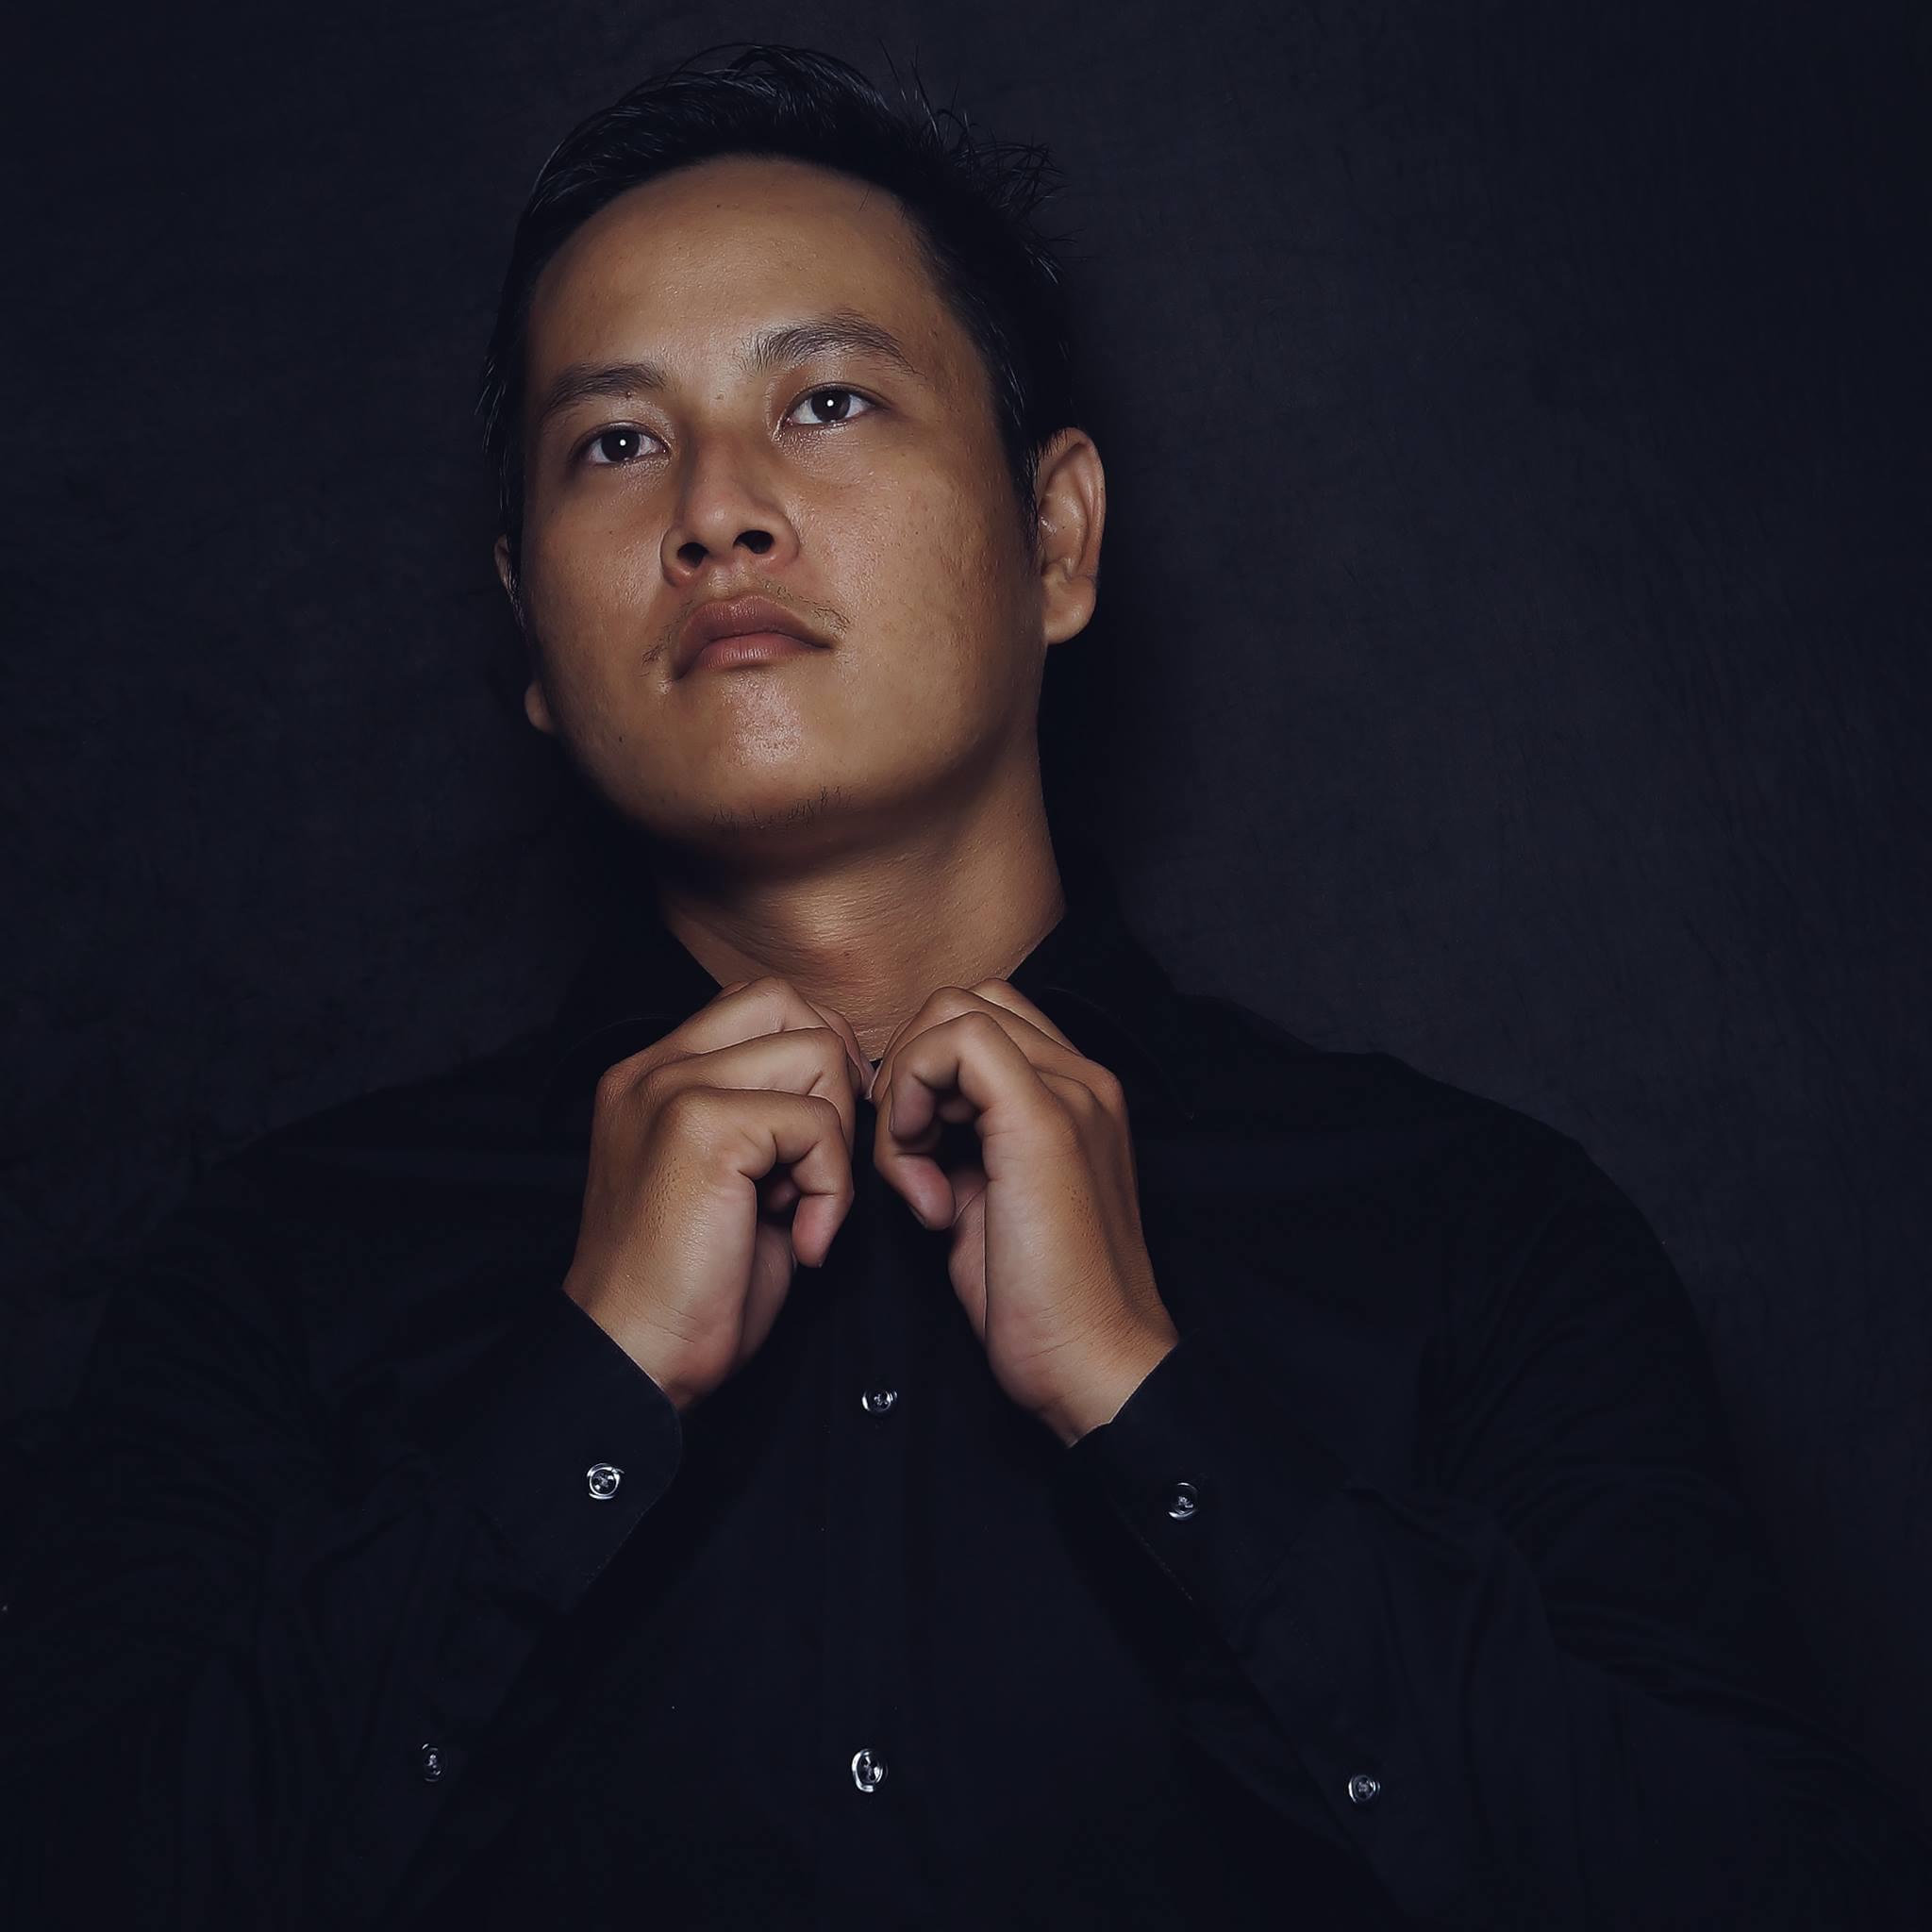 NguyenNhan